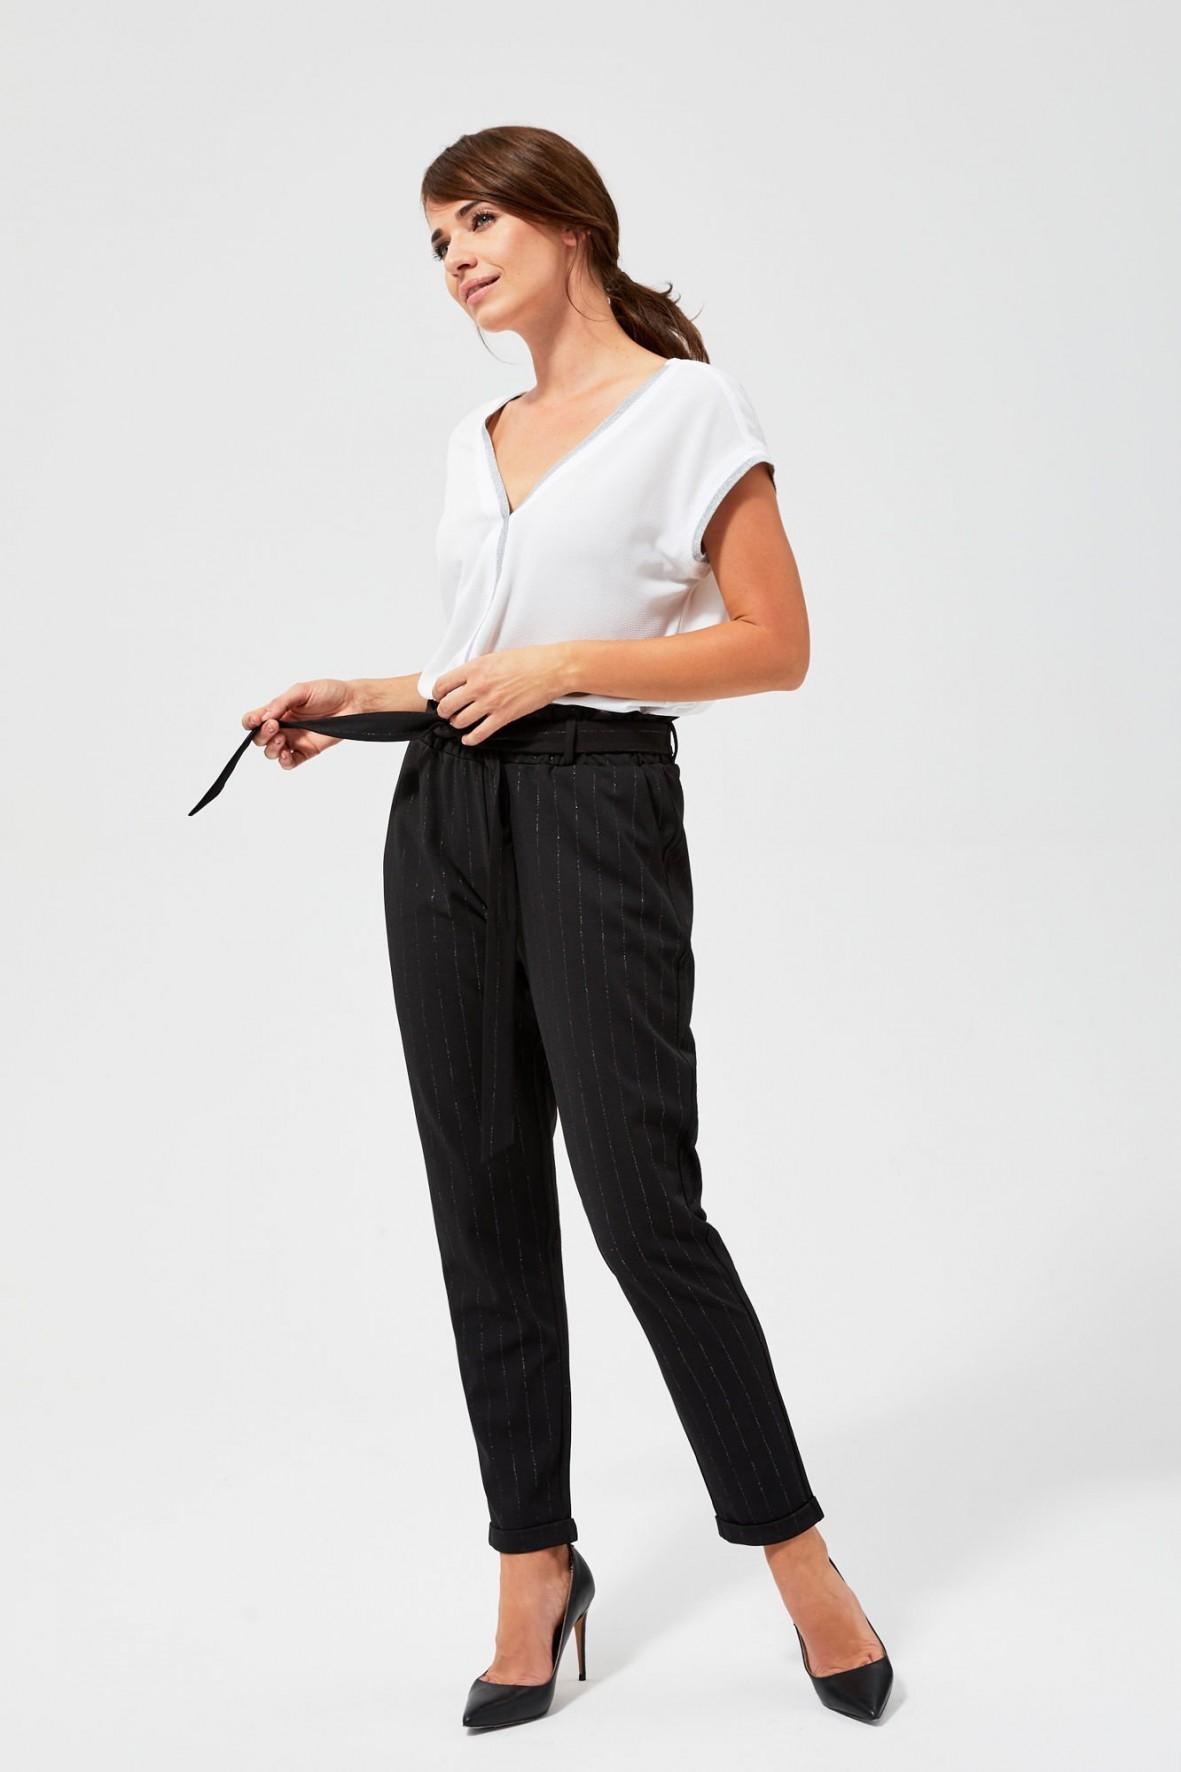 Spodnie damskie- czarne w metaliczne prążki